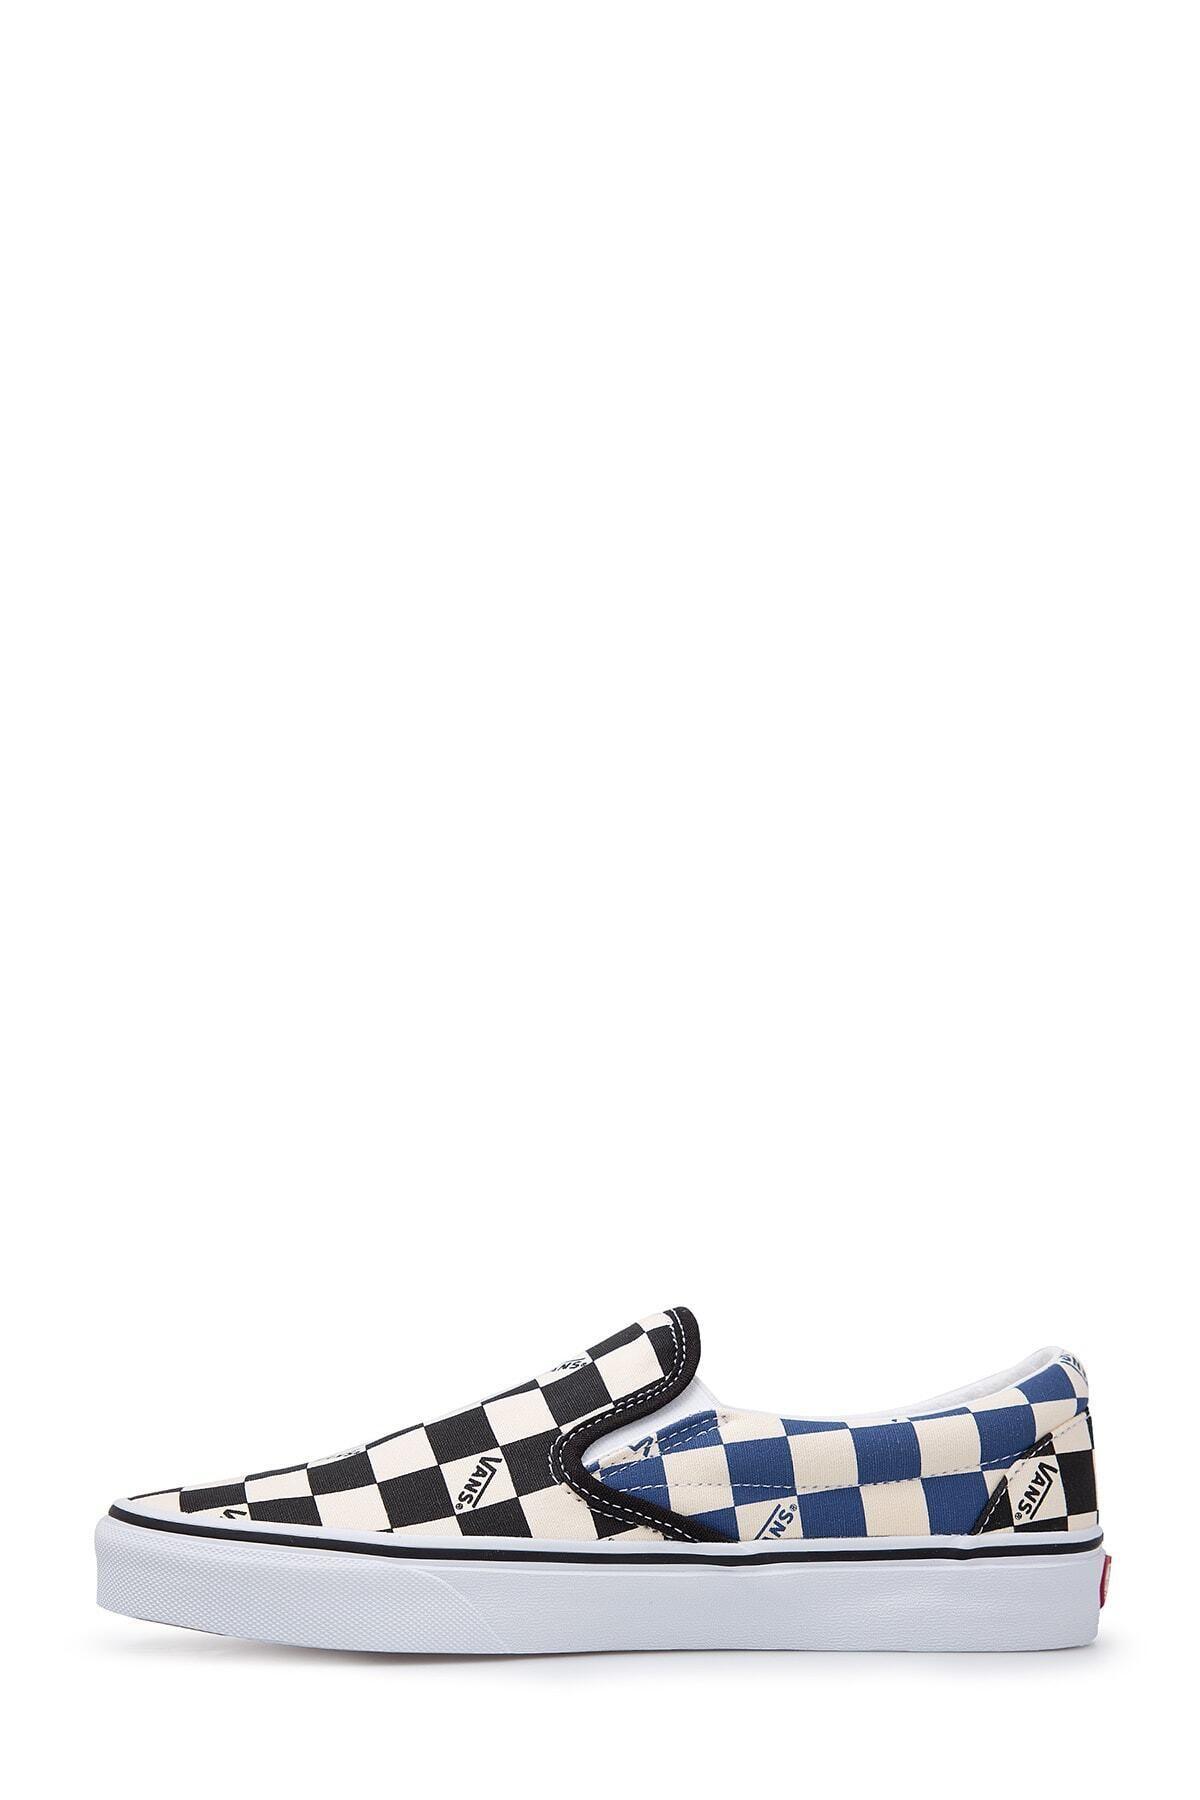 Vans Unisex Siyah Desenli Sneaker Ayakkabı 2